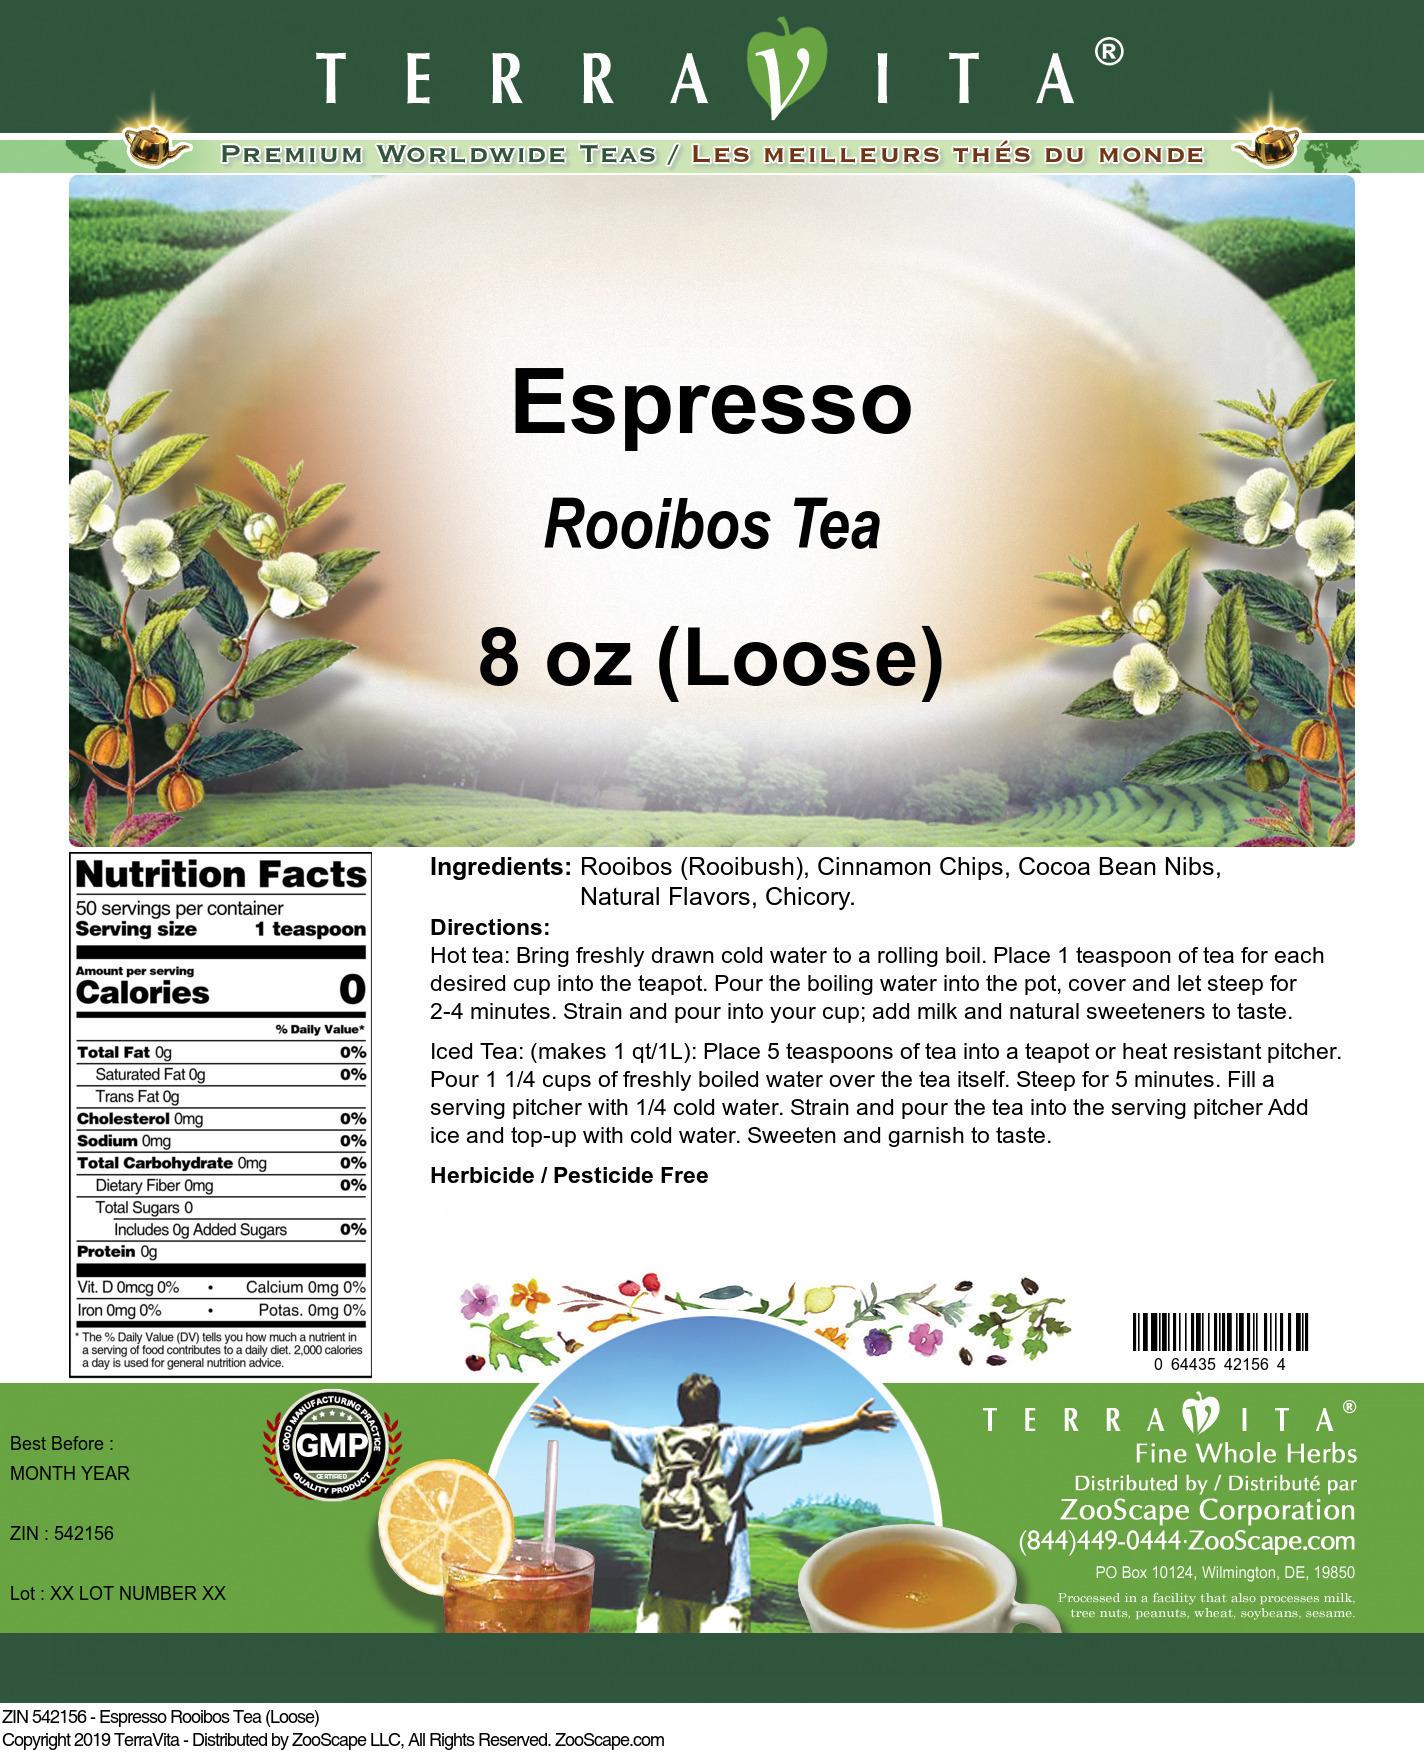 Espresso Rooibos Tea (Loose)